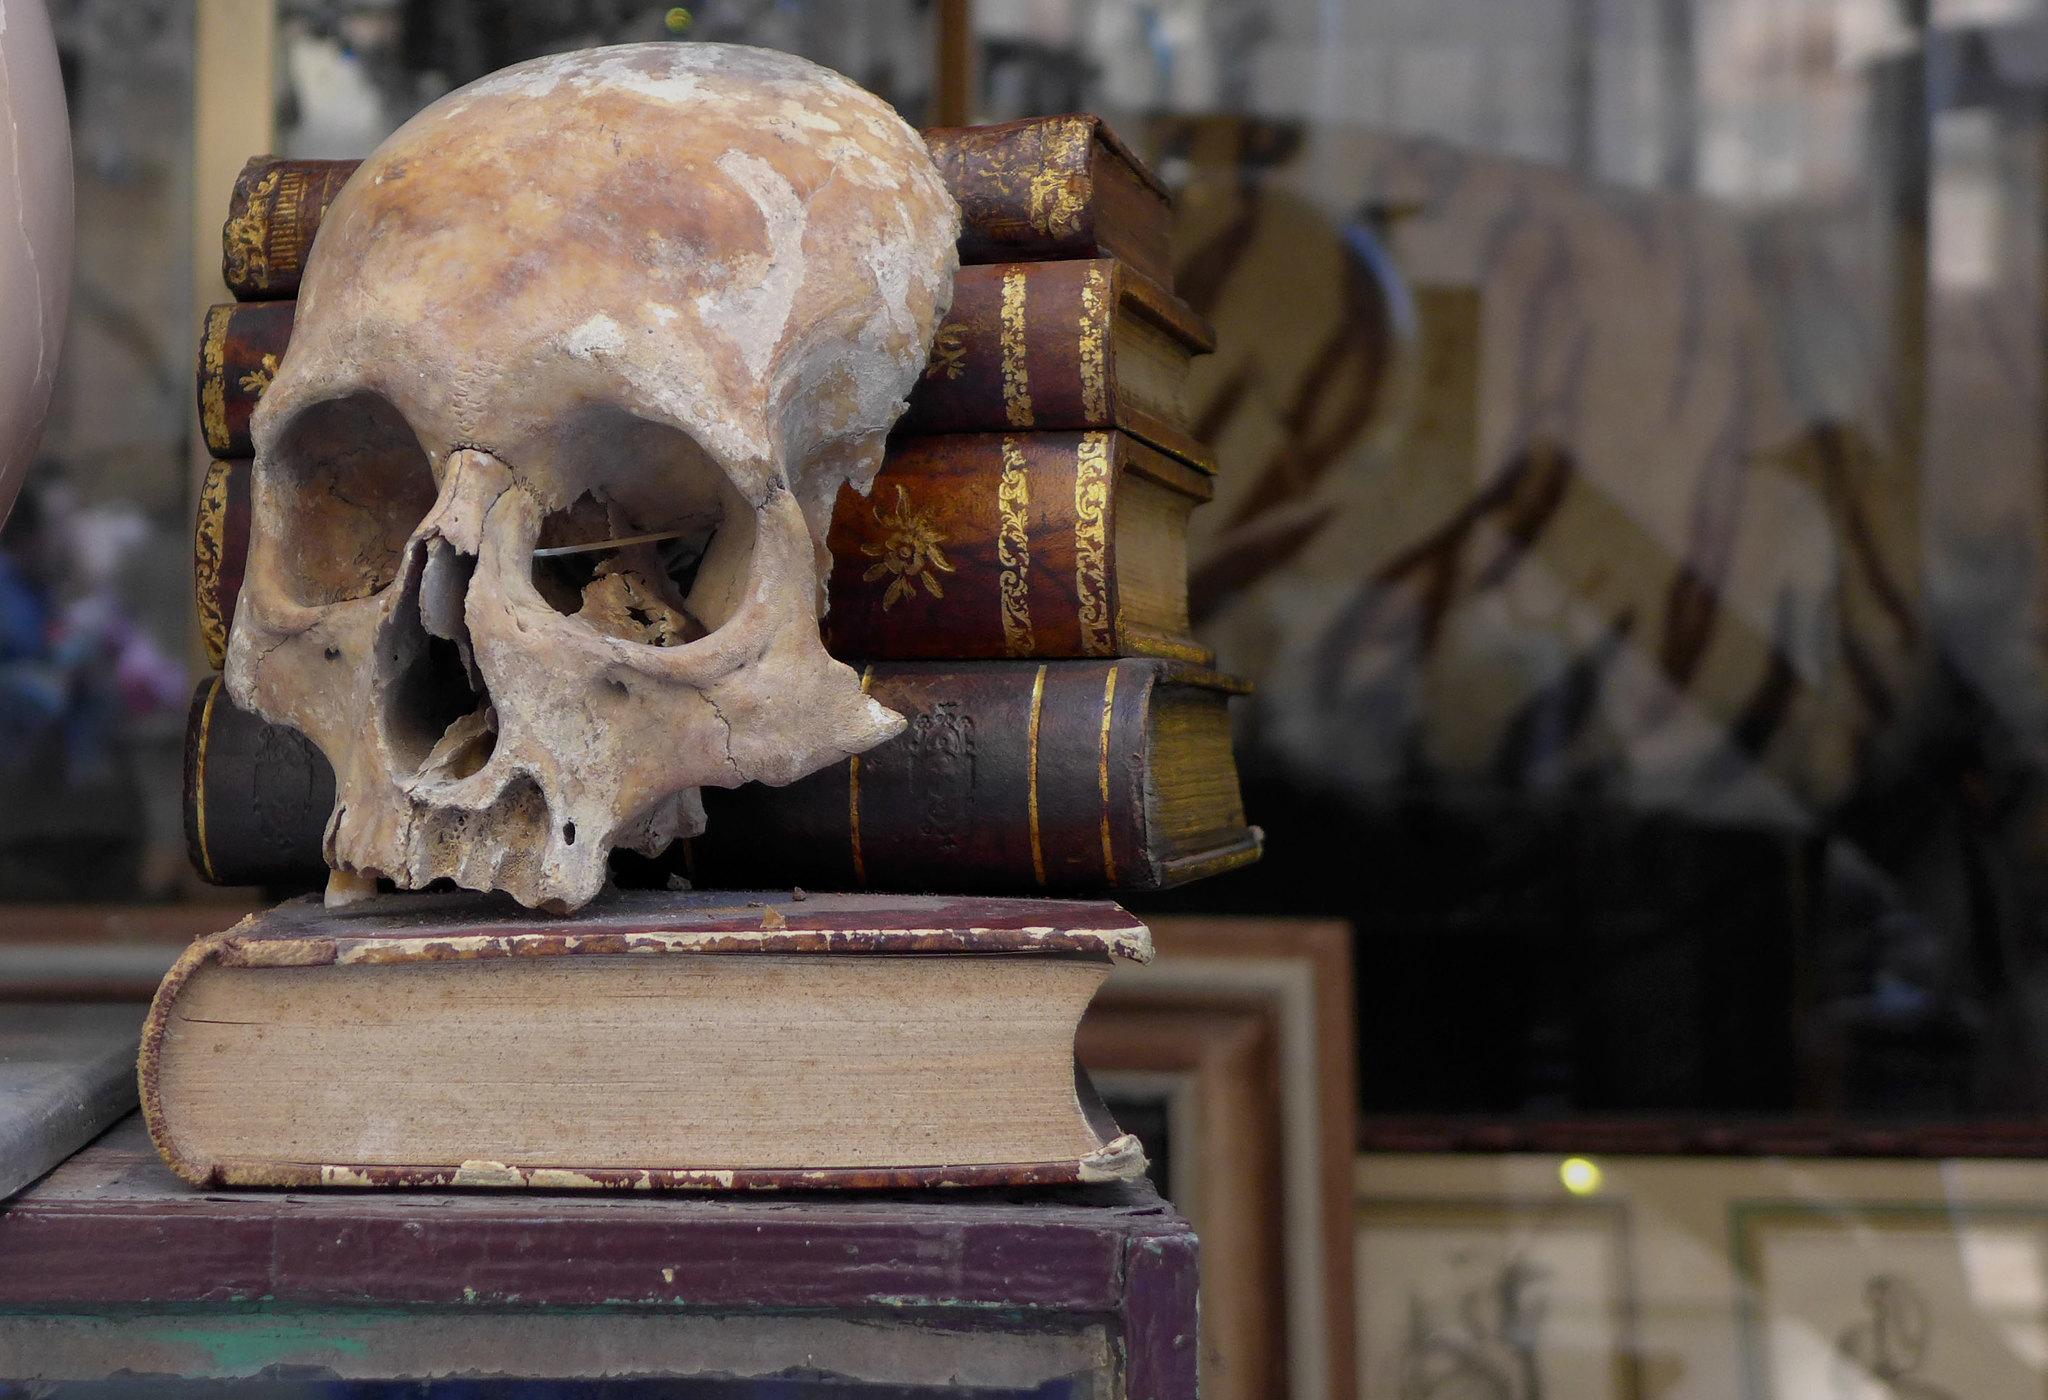 גולגולת וספרים 📸 Dystopos (cc-by-nc)